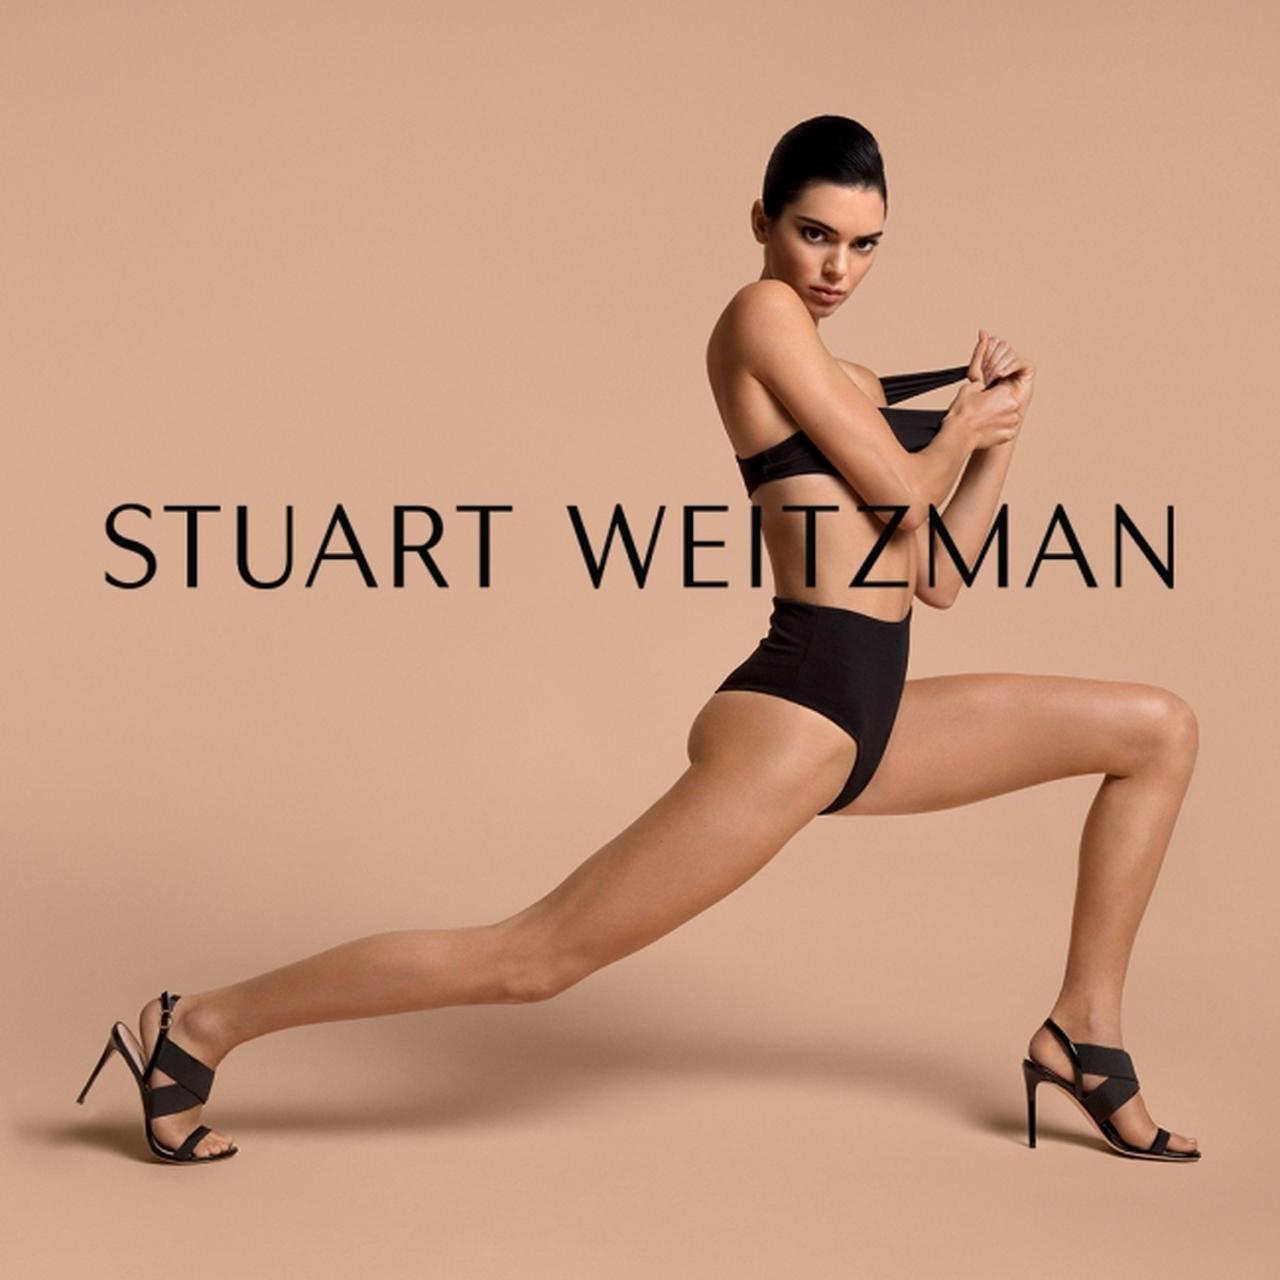 画像2: ケンダル・ジェンナー が履く、スチュアート・ワイツマン新作サンダル